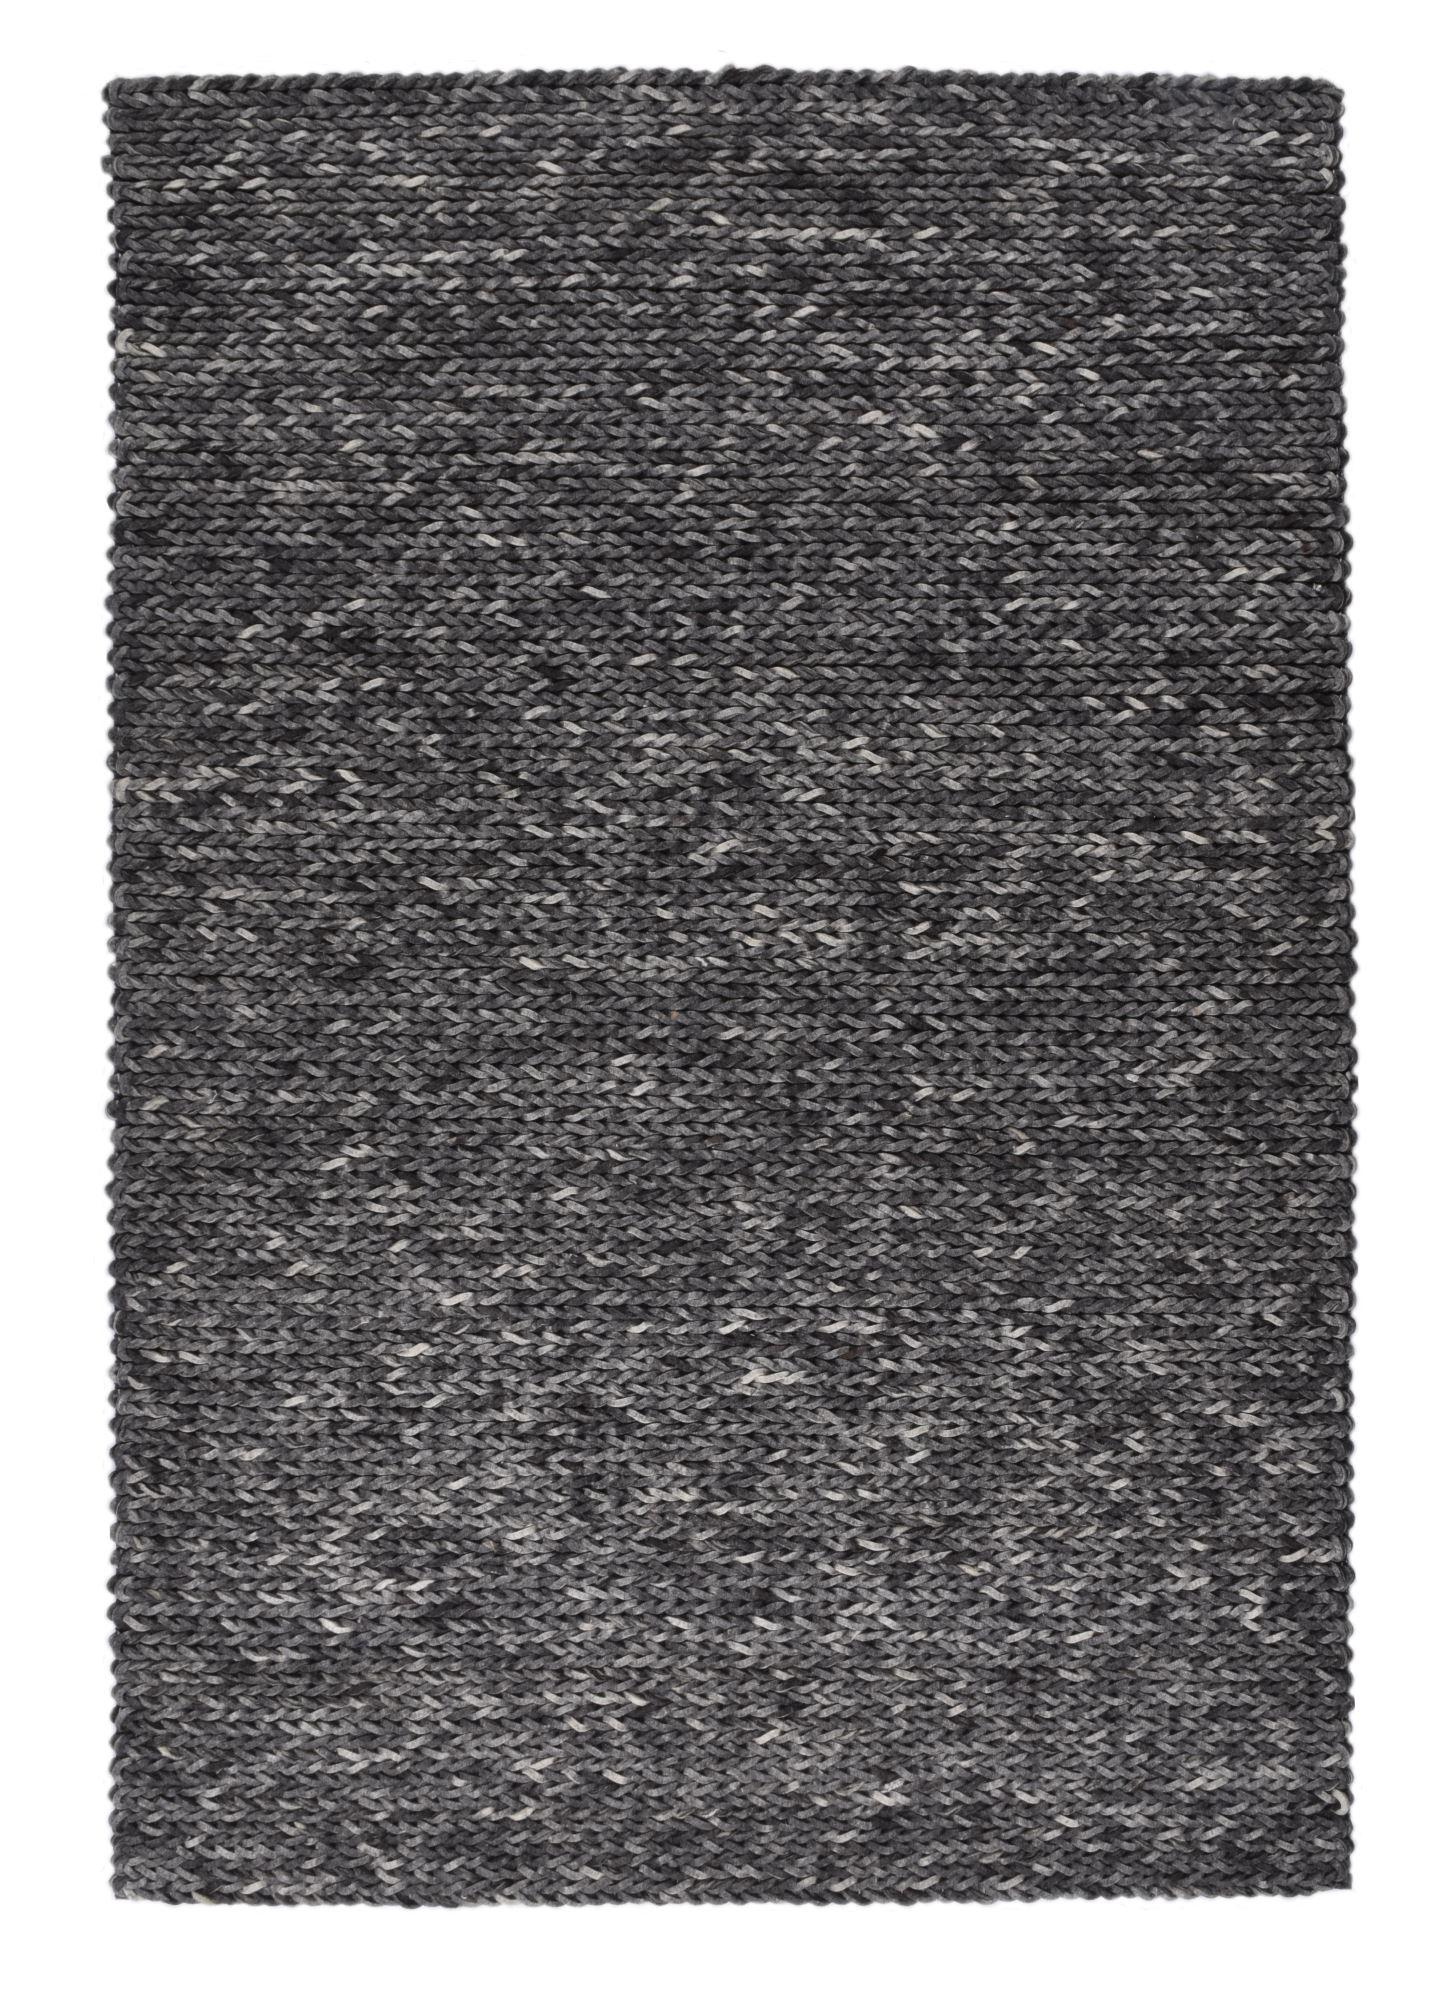 ARLBERG - Tapis feutré en laine naturelle gris 140x200